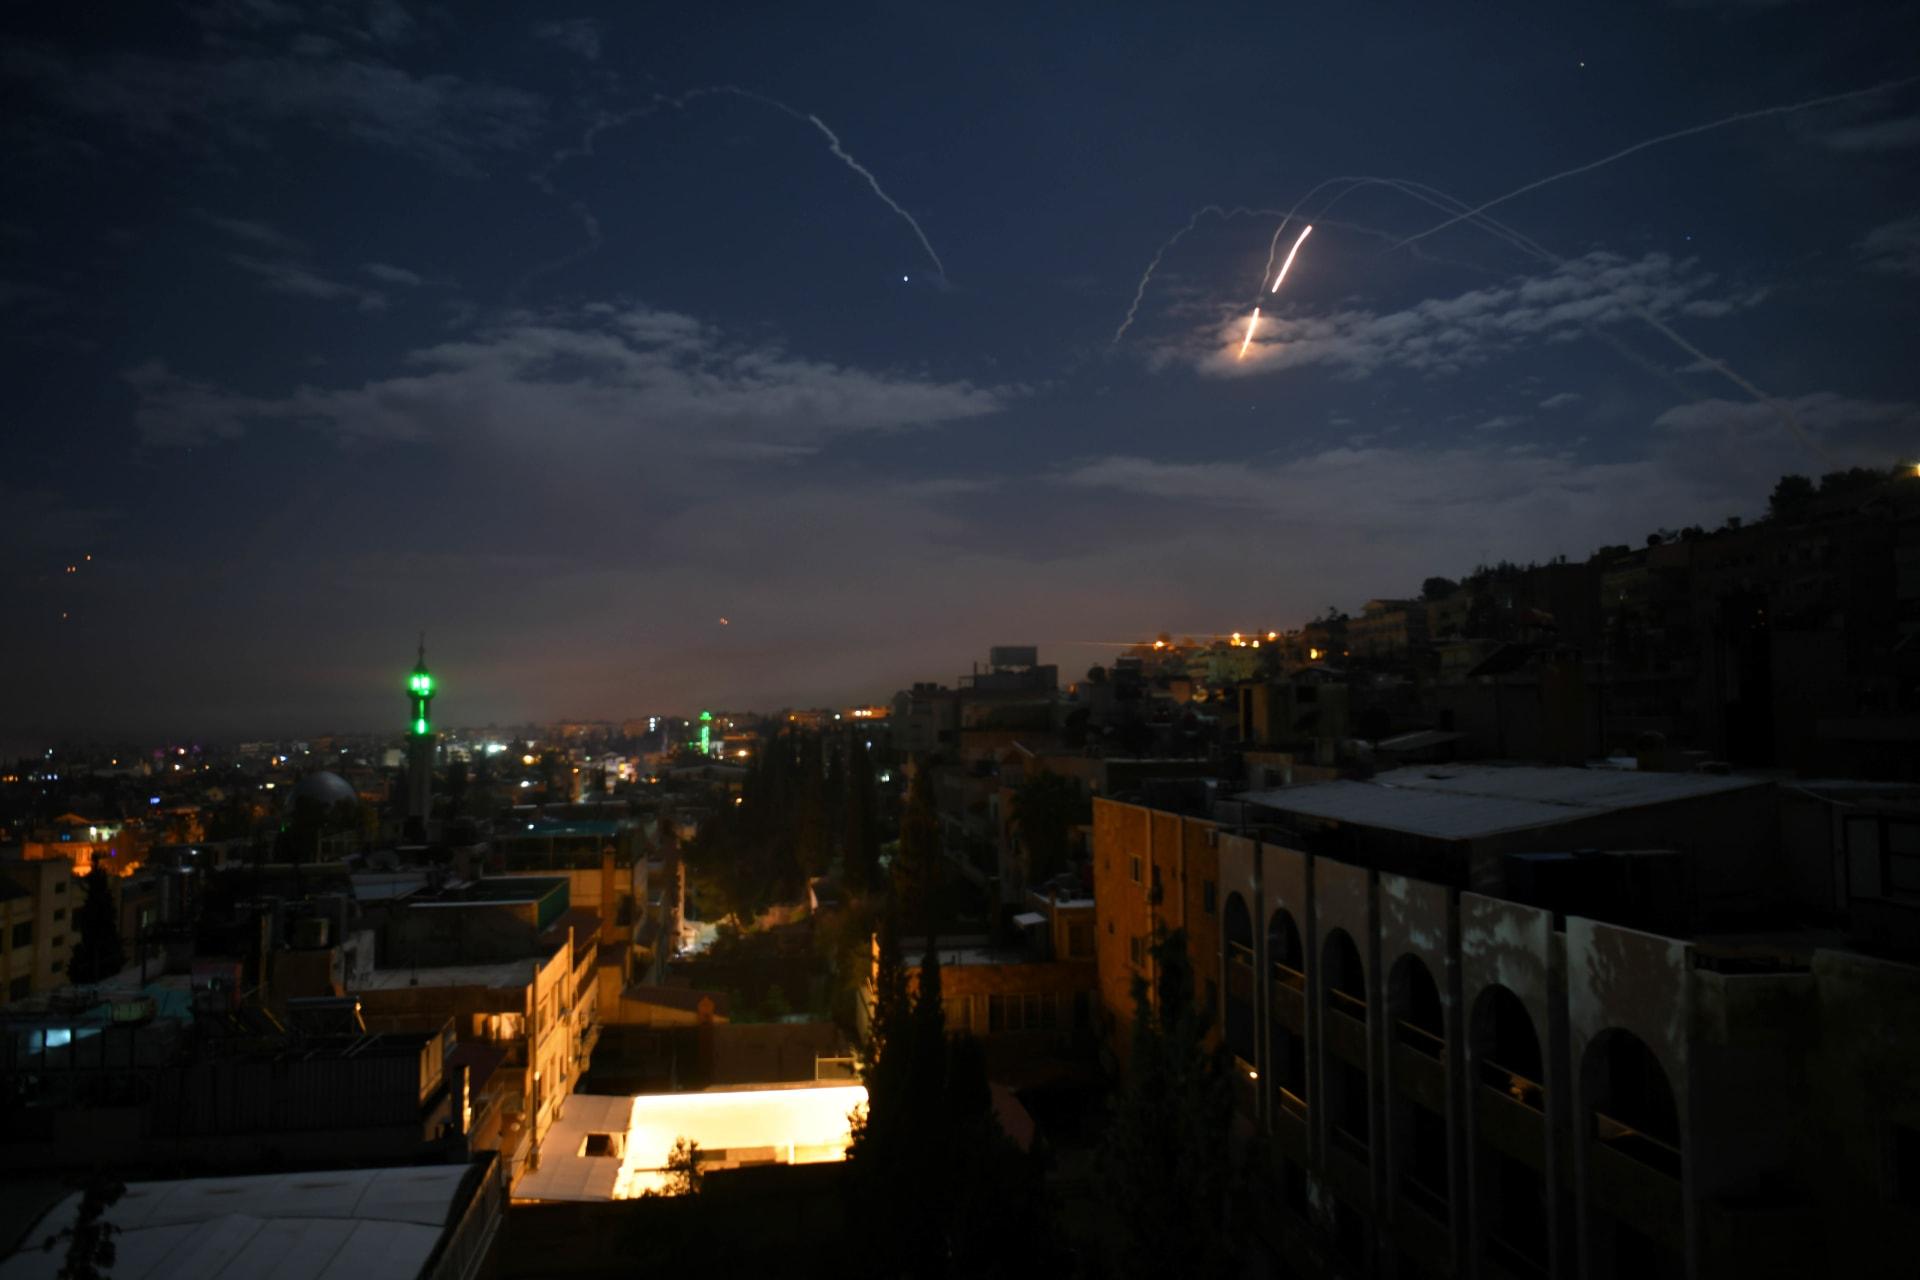 سانا: خسائر جراء ضربات جوية إسرائيلية في ريف دمشق الجنوبي.. والدفاعات الجوية تصدت لها